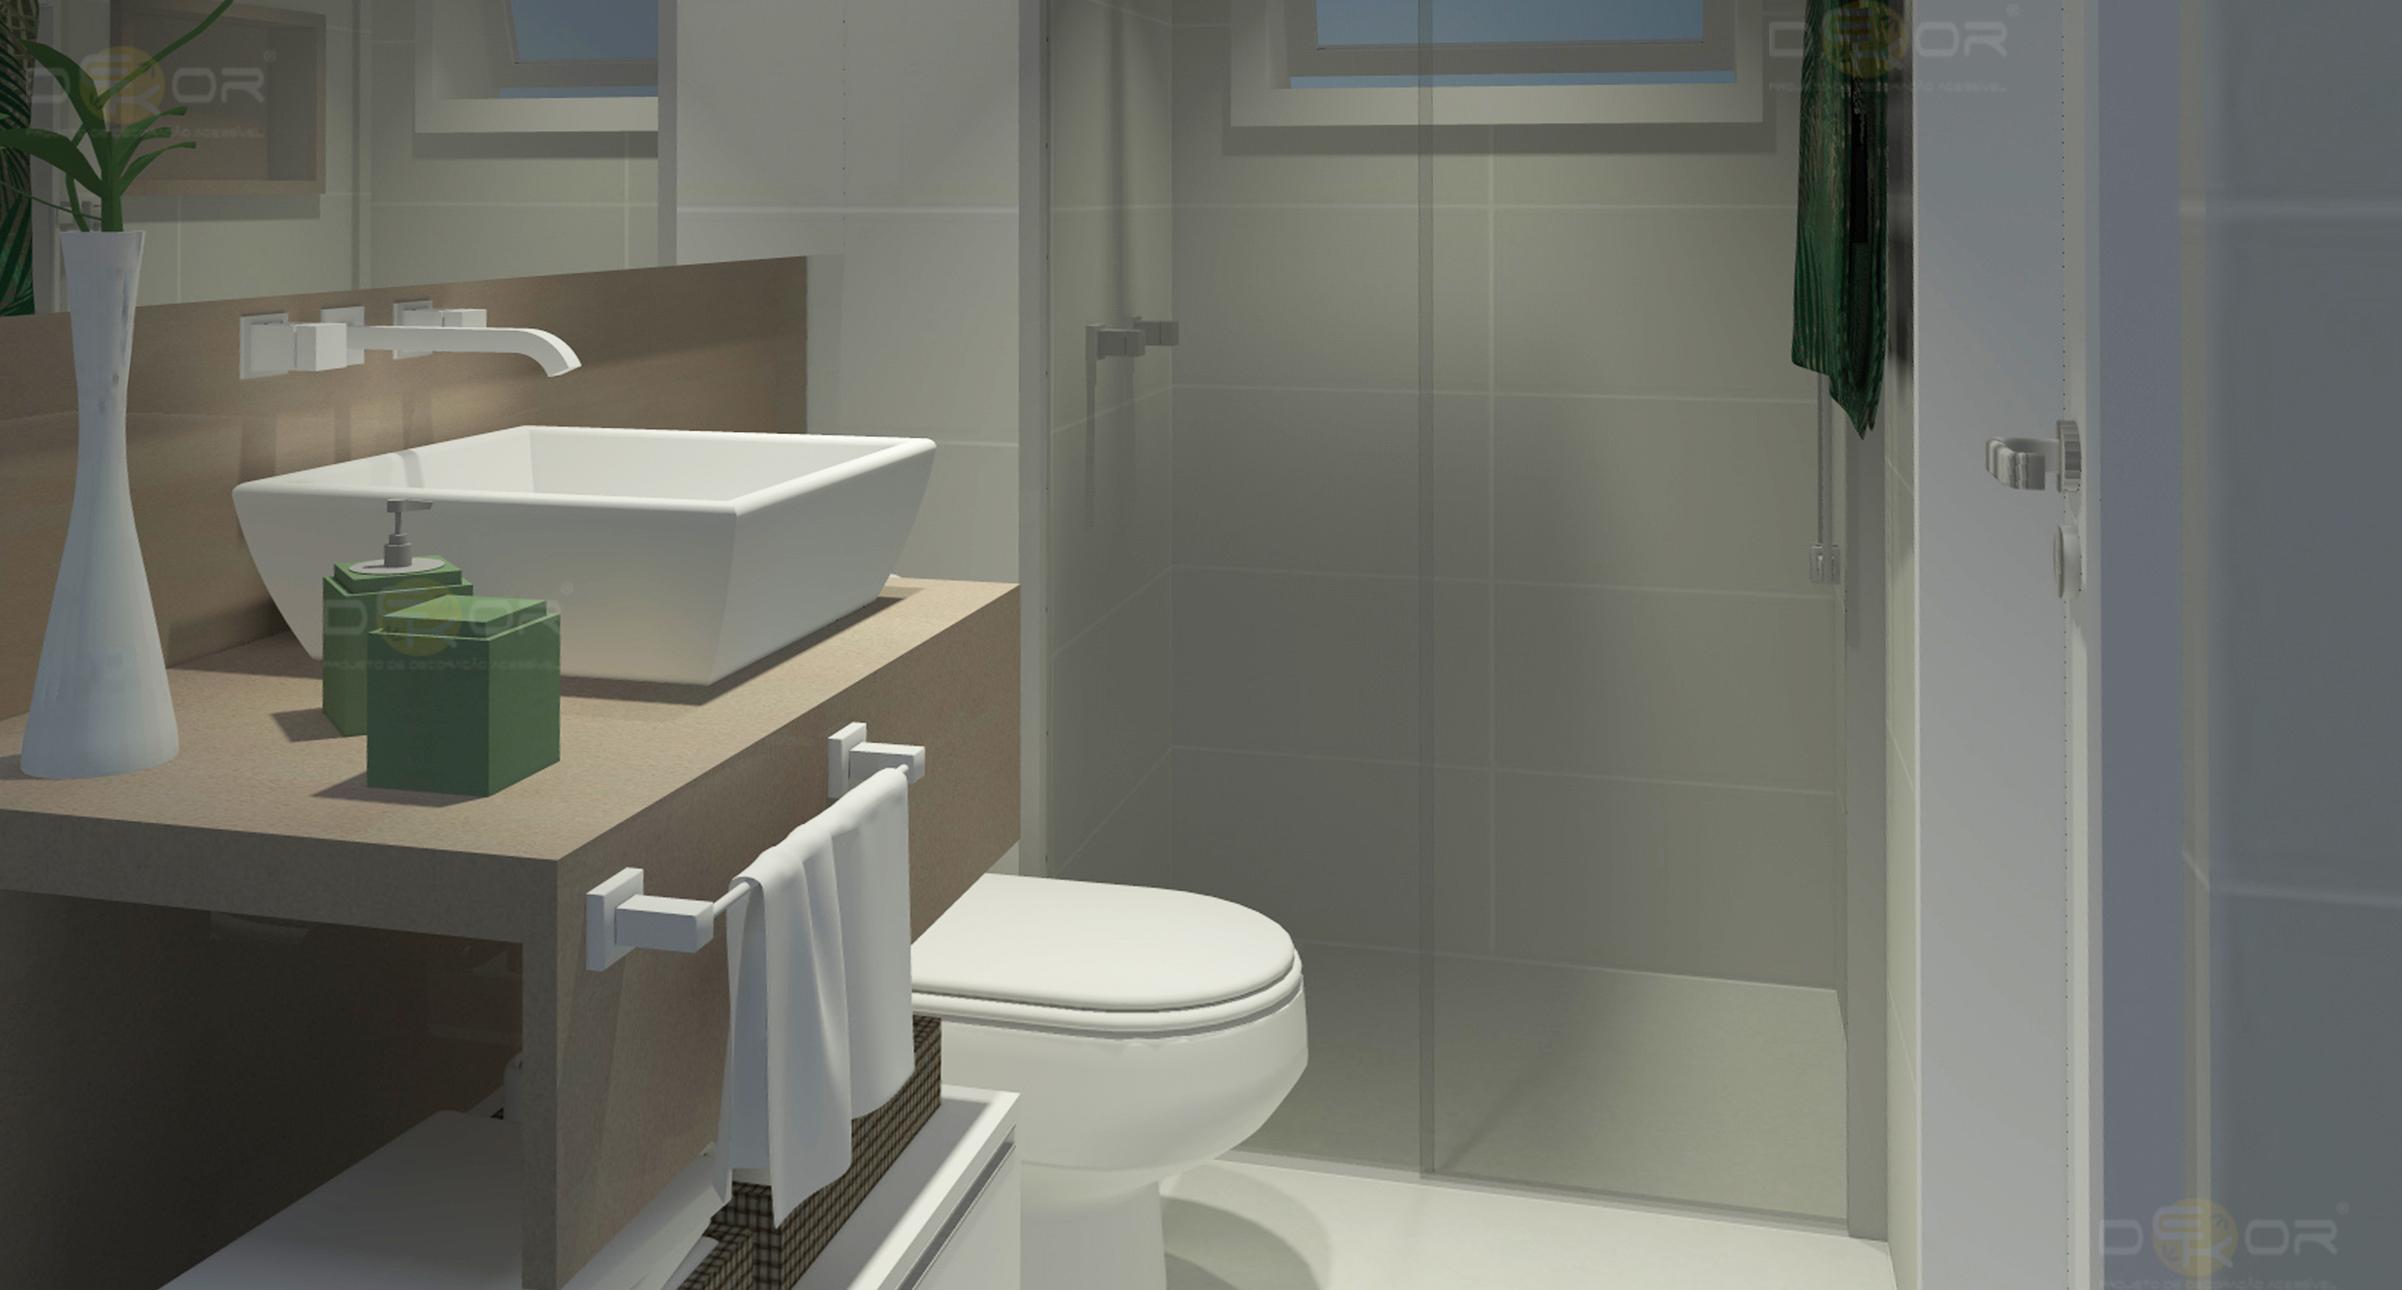 Projeto de Banheiro – Decoração Online #22 Erika Karpuk #786D53 2402 1290